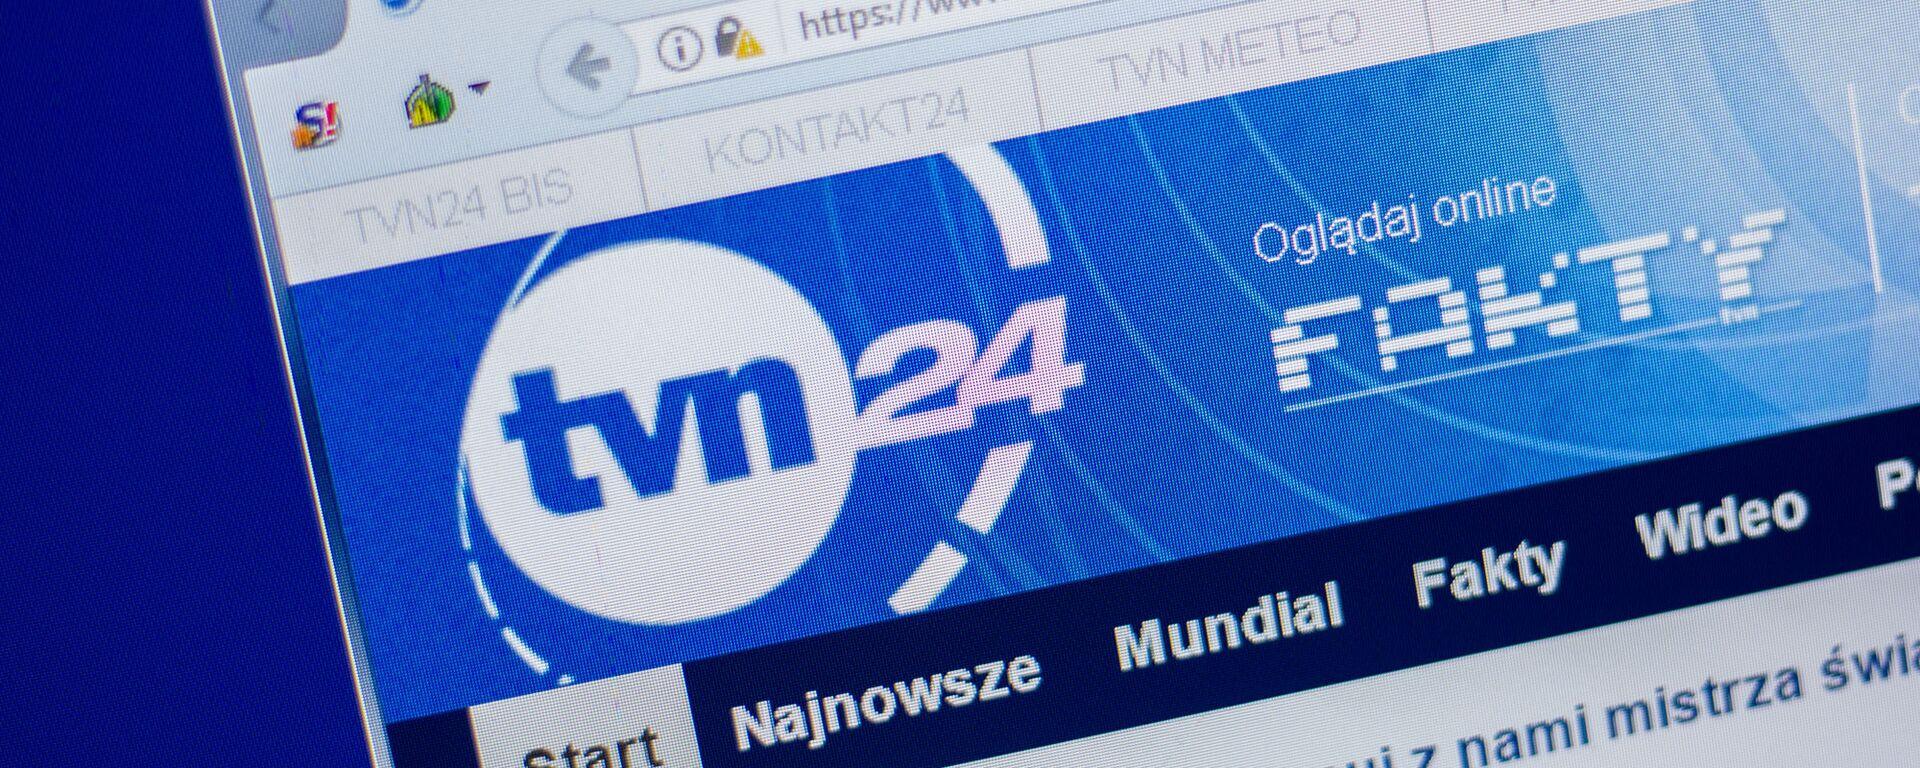 Strona główna Tvn24 na wyświetlaczu komputera PC - Sputnik Polska, 1920, 04.08.2021